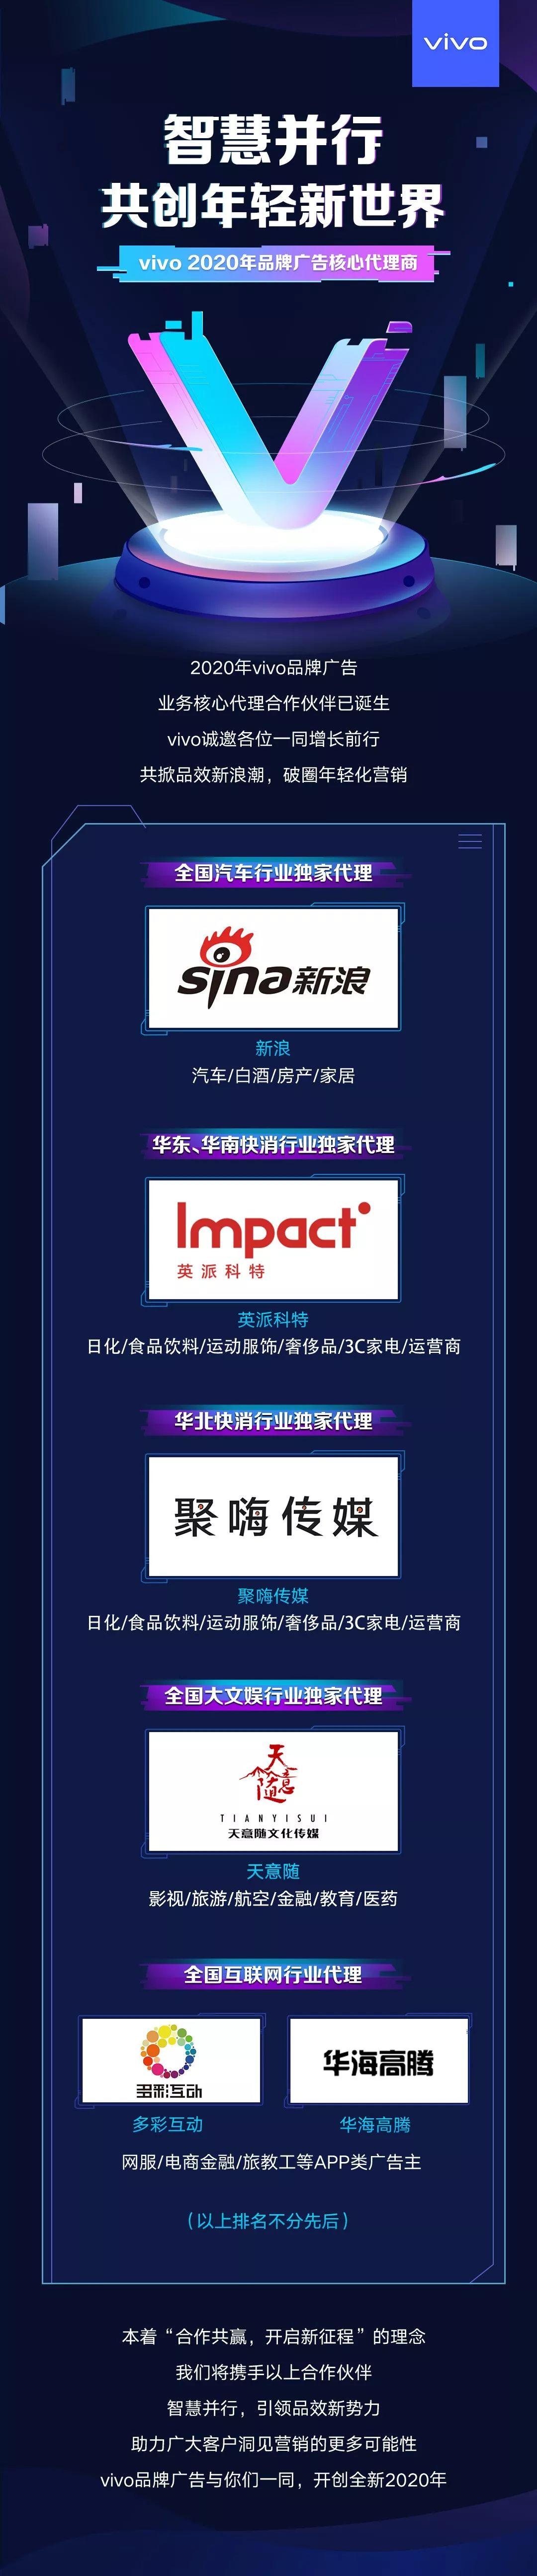 2020年小米和vivo广告独家代理商名单公布!看看都有谁?-CNMOAD 中文移动营销资讯 2